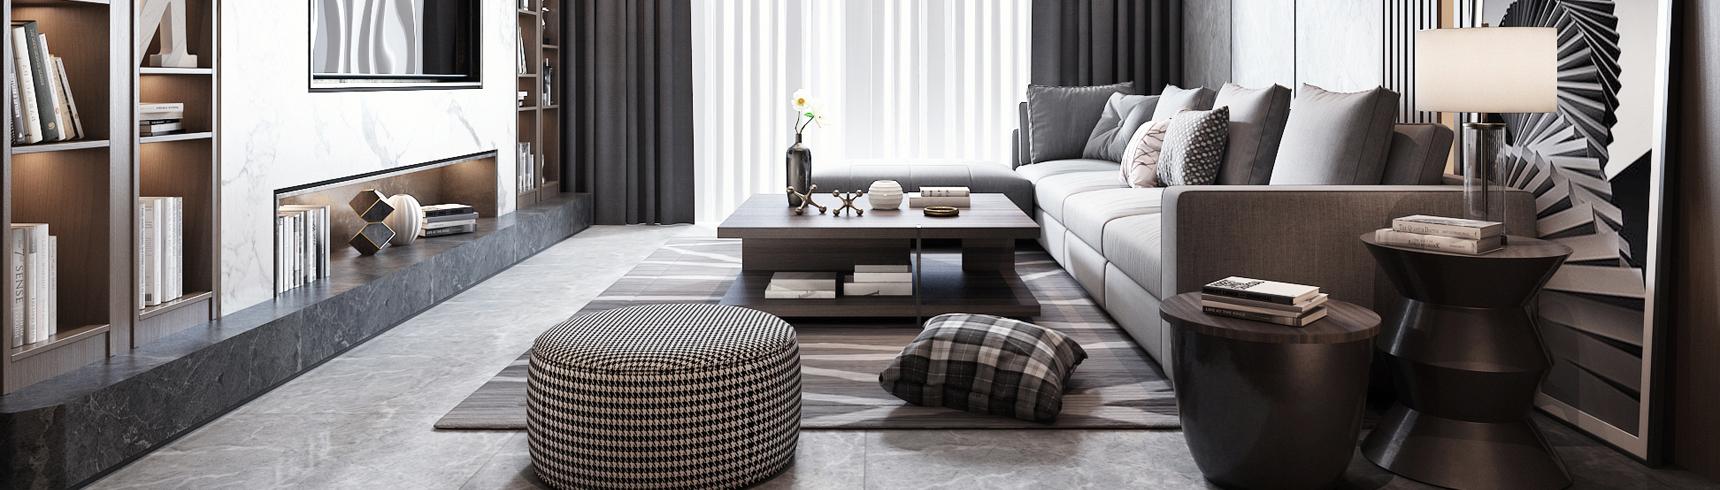 现代客厅 沙发 边柜 吊灯 抱枕3D模型下载